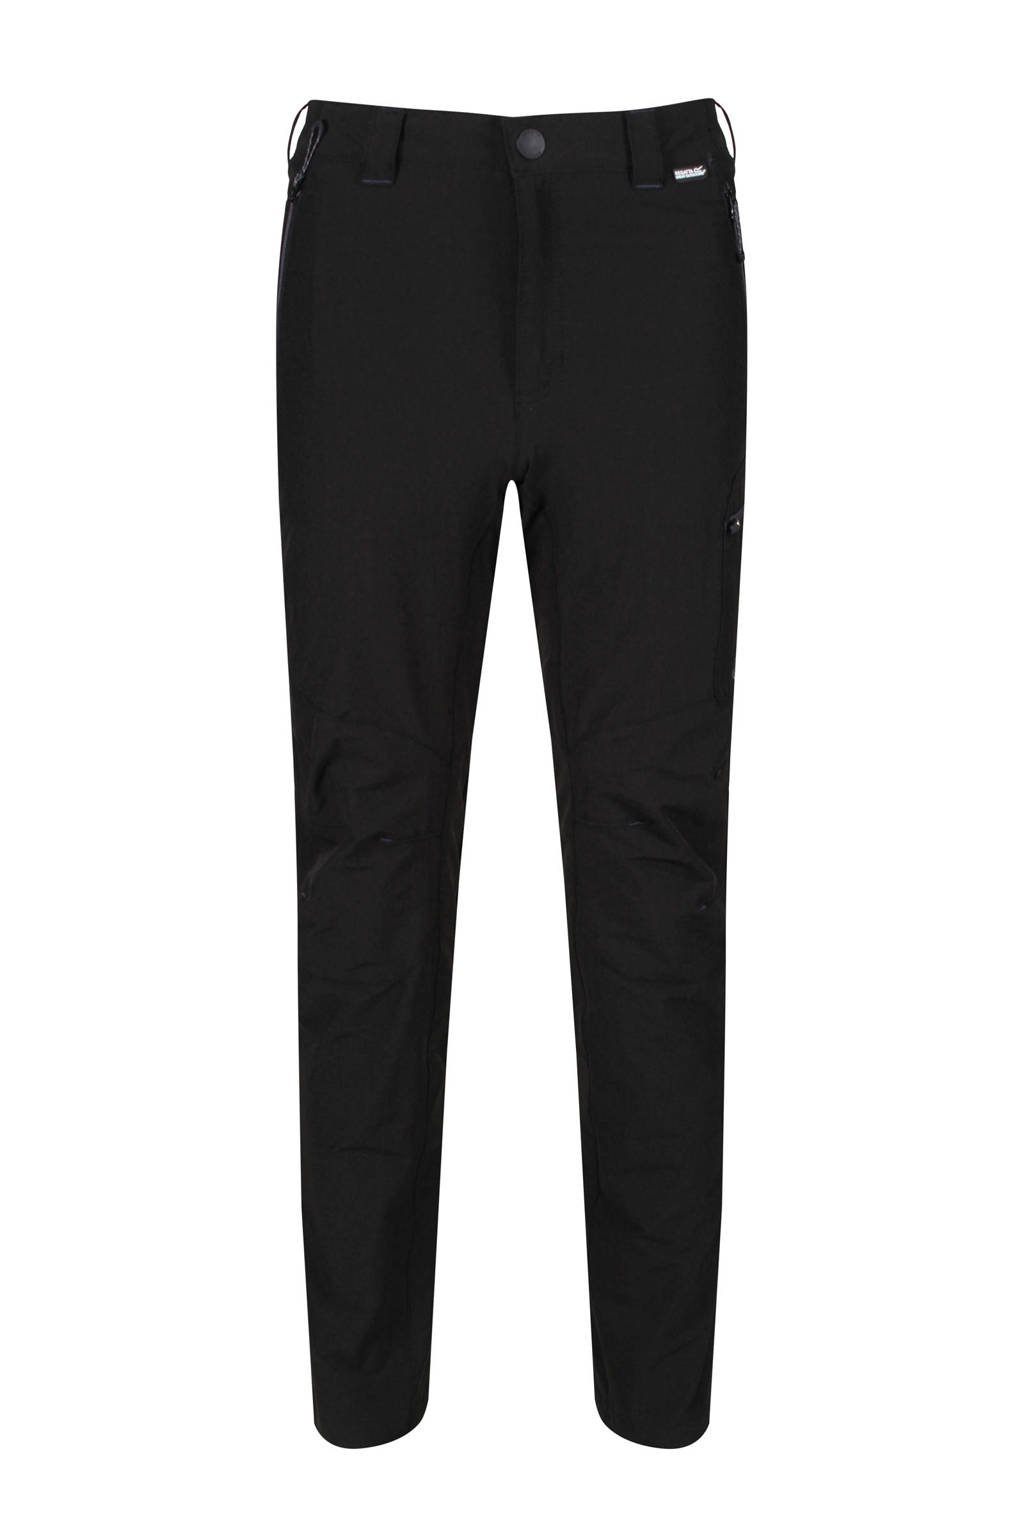 Regatta outdoor broek Highton zwart, Zwart